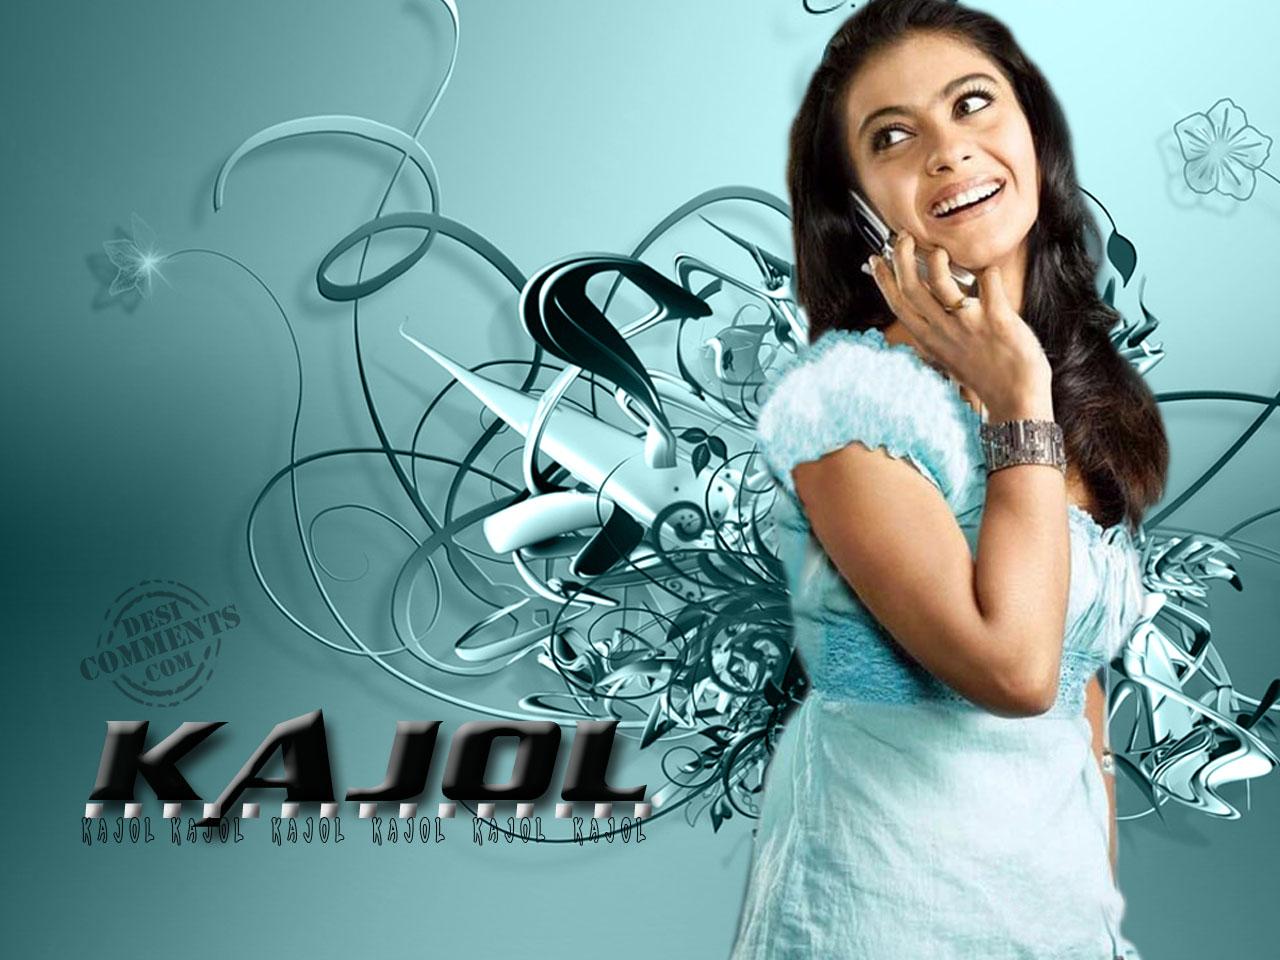 http://4.bp.blogspot.com/_cZuaghvCasw/TF7aFivdcjI/AAAAAAAAJ2s/Yo4Ve_rDjx4/s1600/Kajol-Wallpaper.jpg